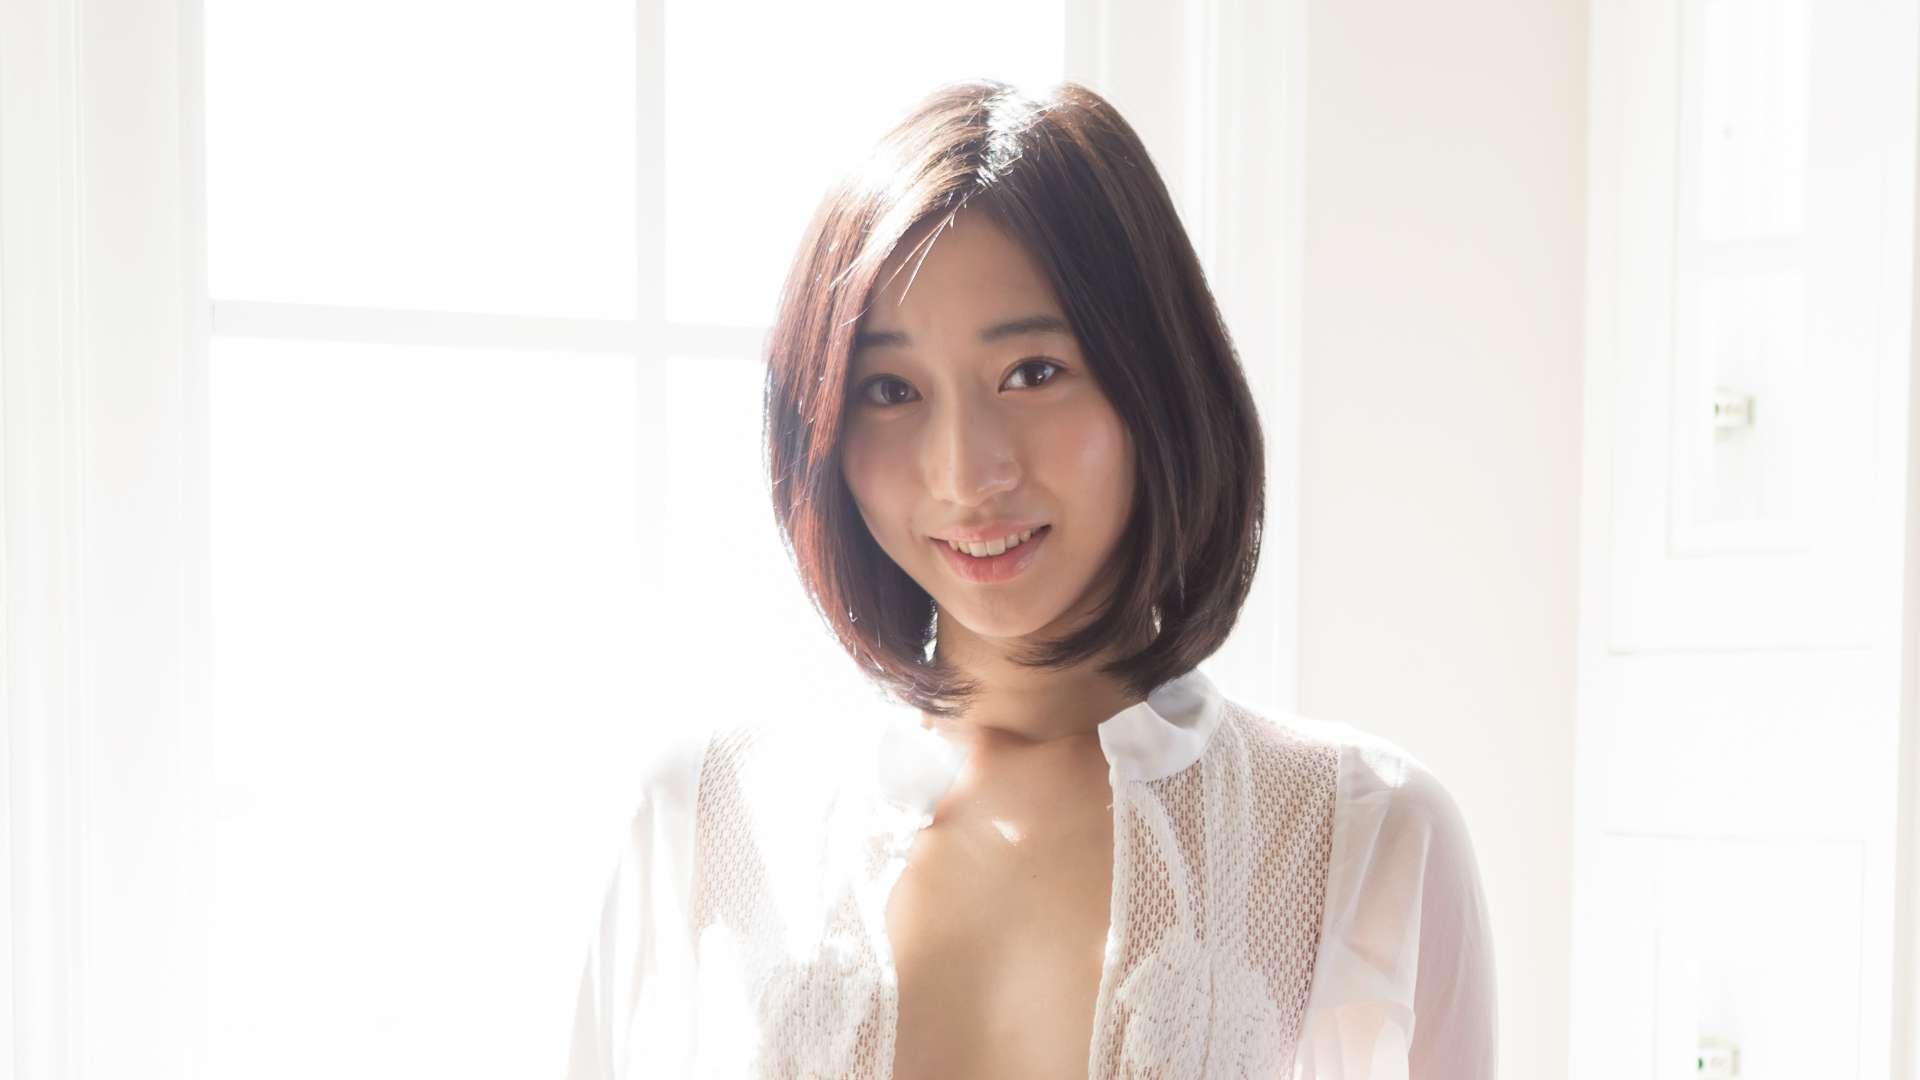 早川みゆき『僕だけの可愛い彼女』